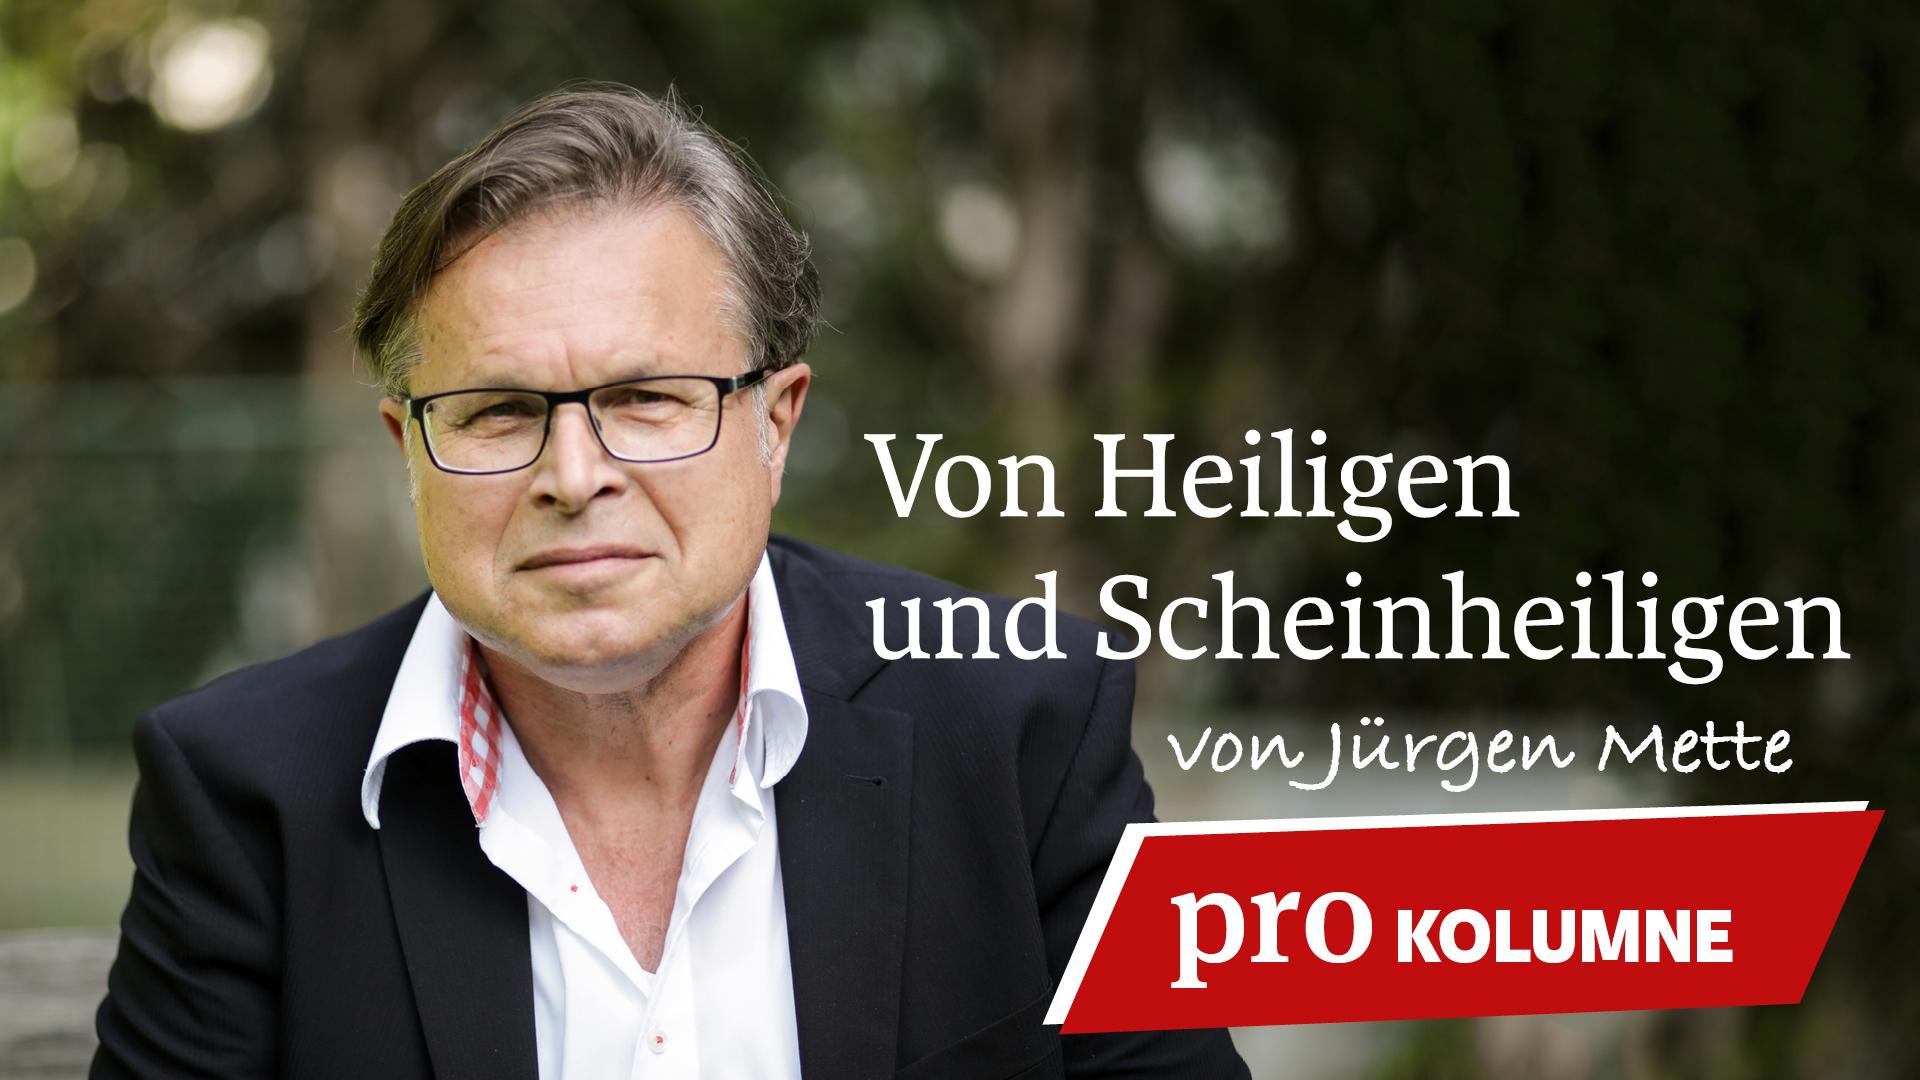 """Der Theologe Jürgen Mette leitete viele Jahre die Stiftung Marburger Medien. 2013 veröffentlichte er das Buch """"Alles außer Mikado – Leben trotz Parkinson"""", das es auf die Spiegel-Bestsellerliste schaffte. Für pro schreibt er eine regelmäßige Kolumne."""